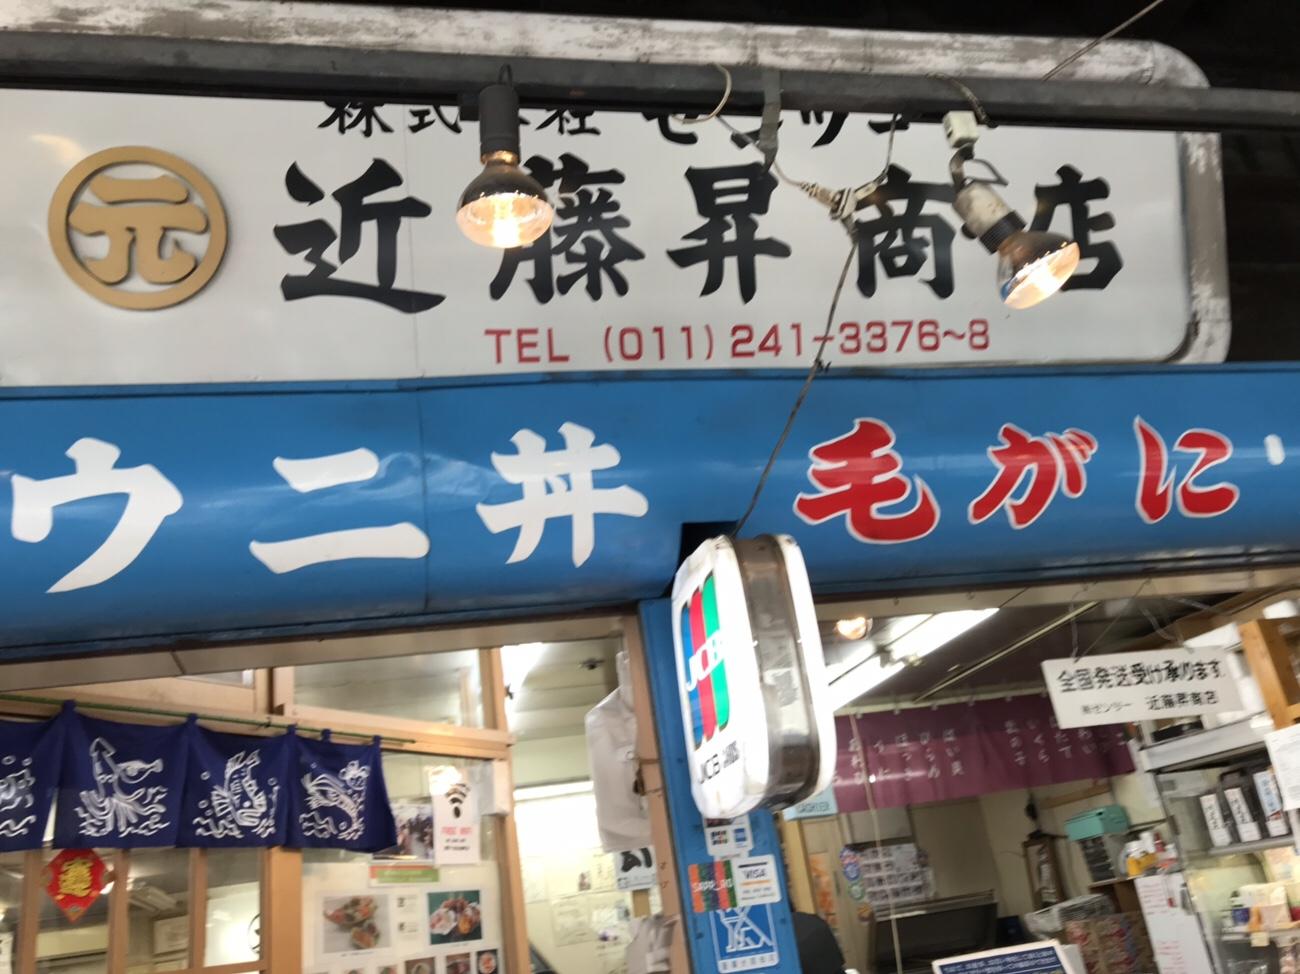 札幌二条市場海鮮丼 近藤昇商店